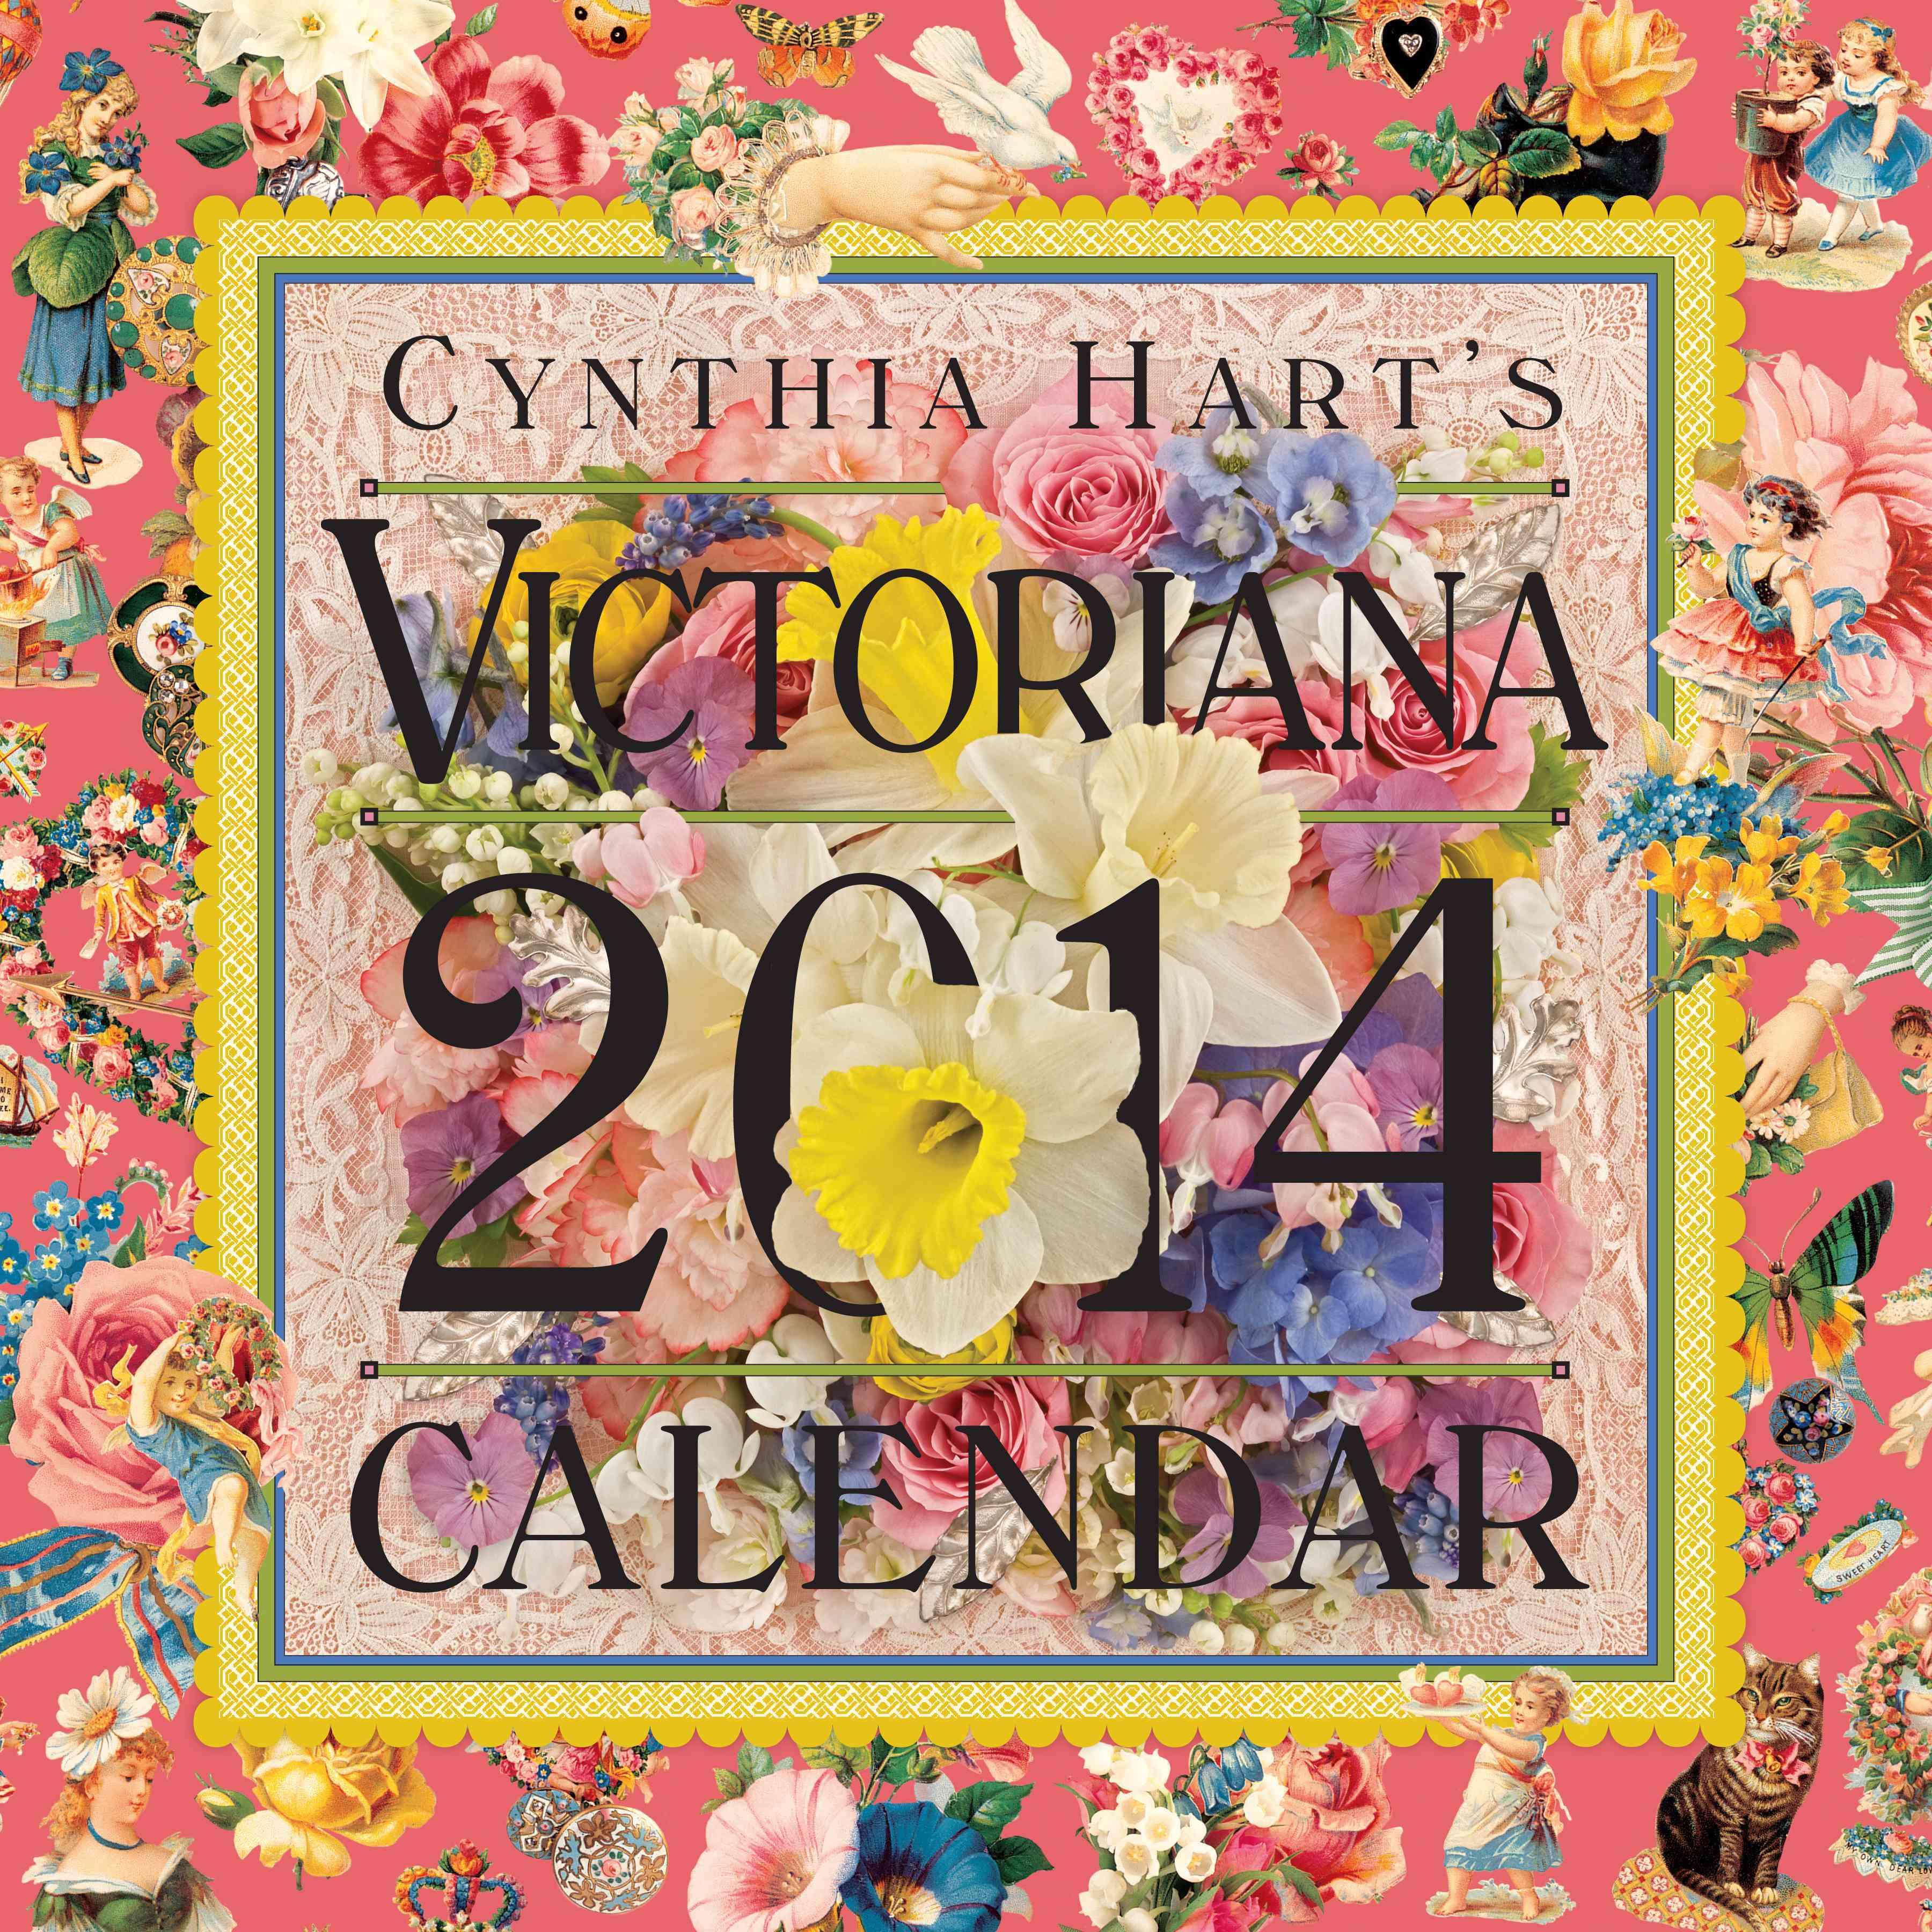 Cynthia Hart's Victoriana 2014 Calendar (Calendar)